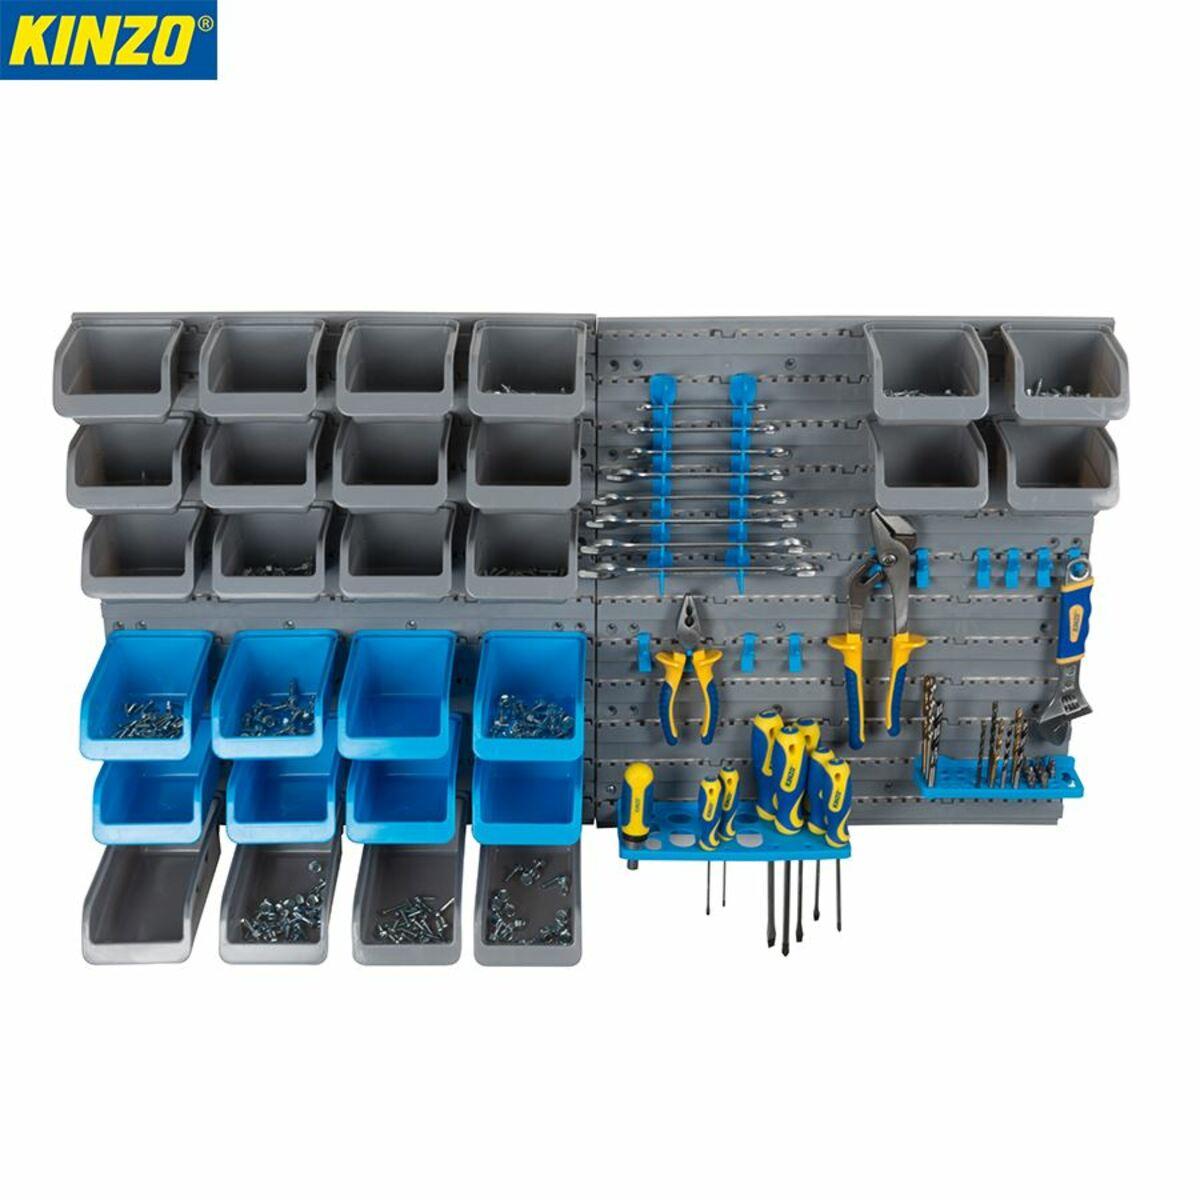 Bild 1 von Kinzo System-Lagerwand für Werkzeuge 45-teilig